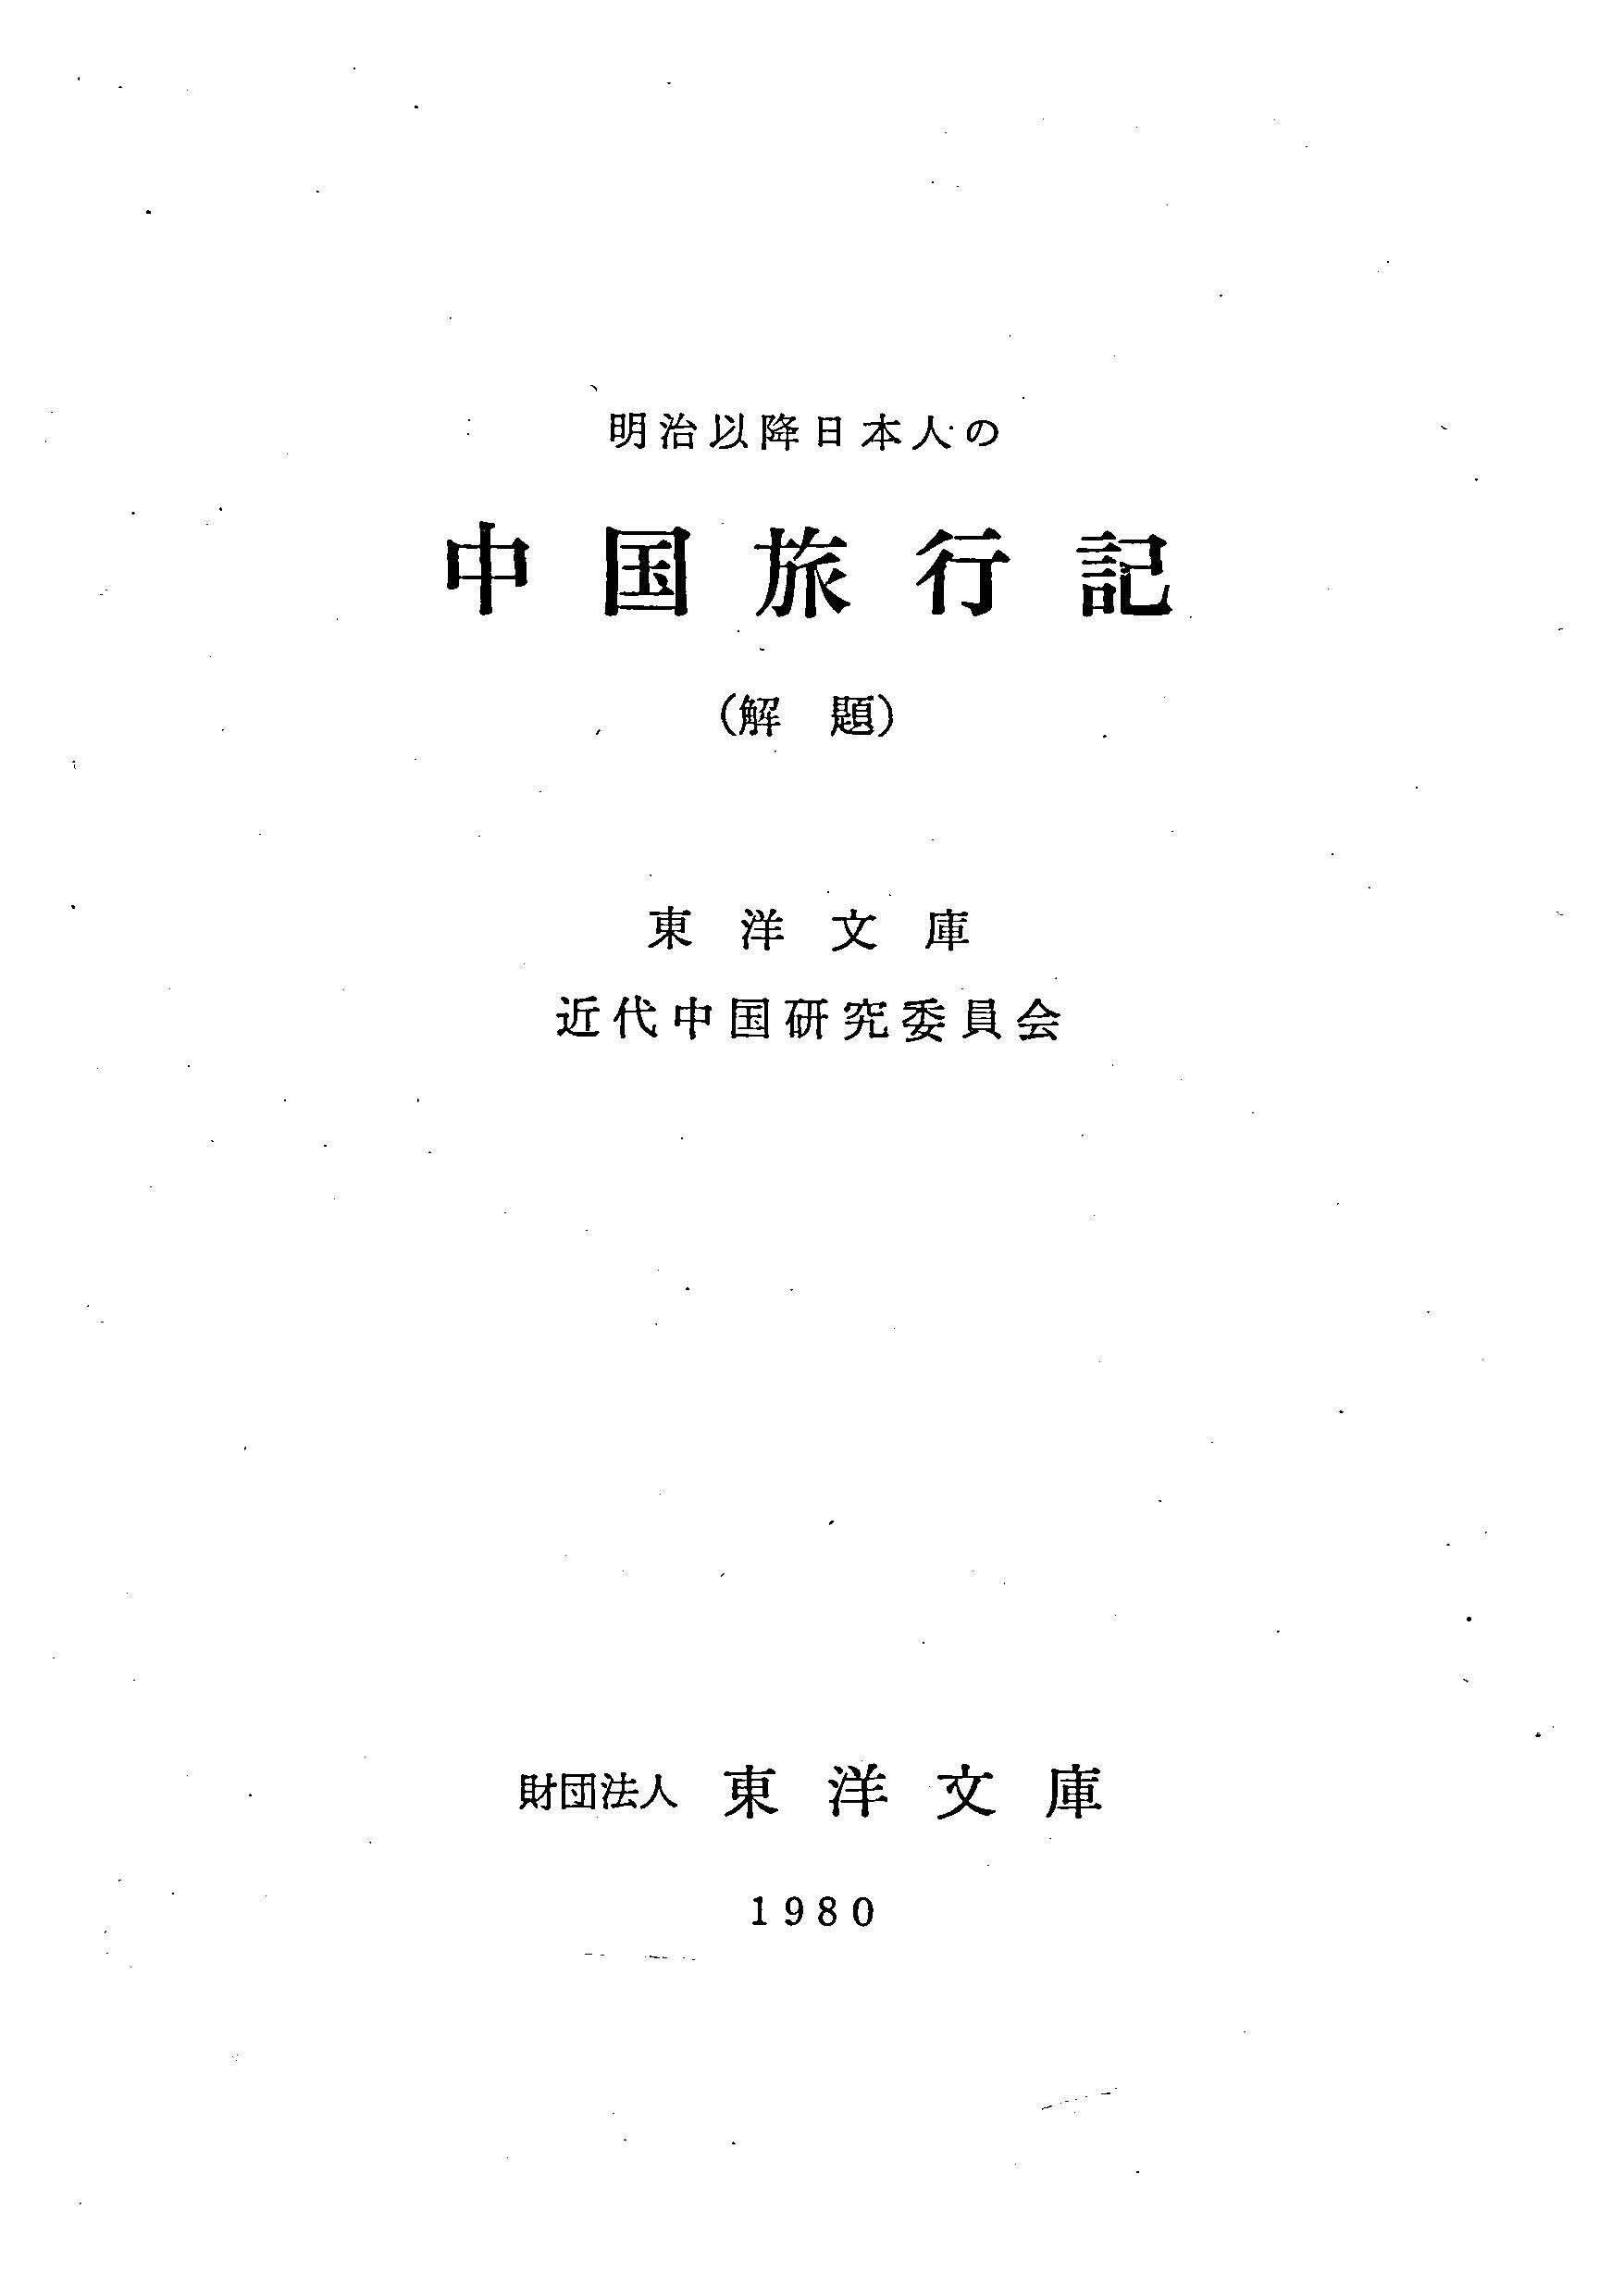 戦後日本人の中国旅行記・解題(補遺)_c0035825_12031745.jpg